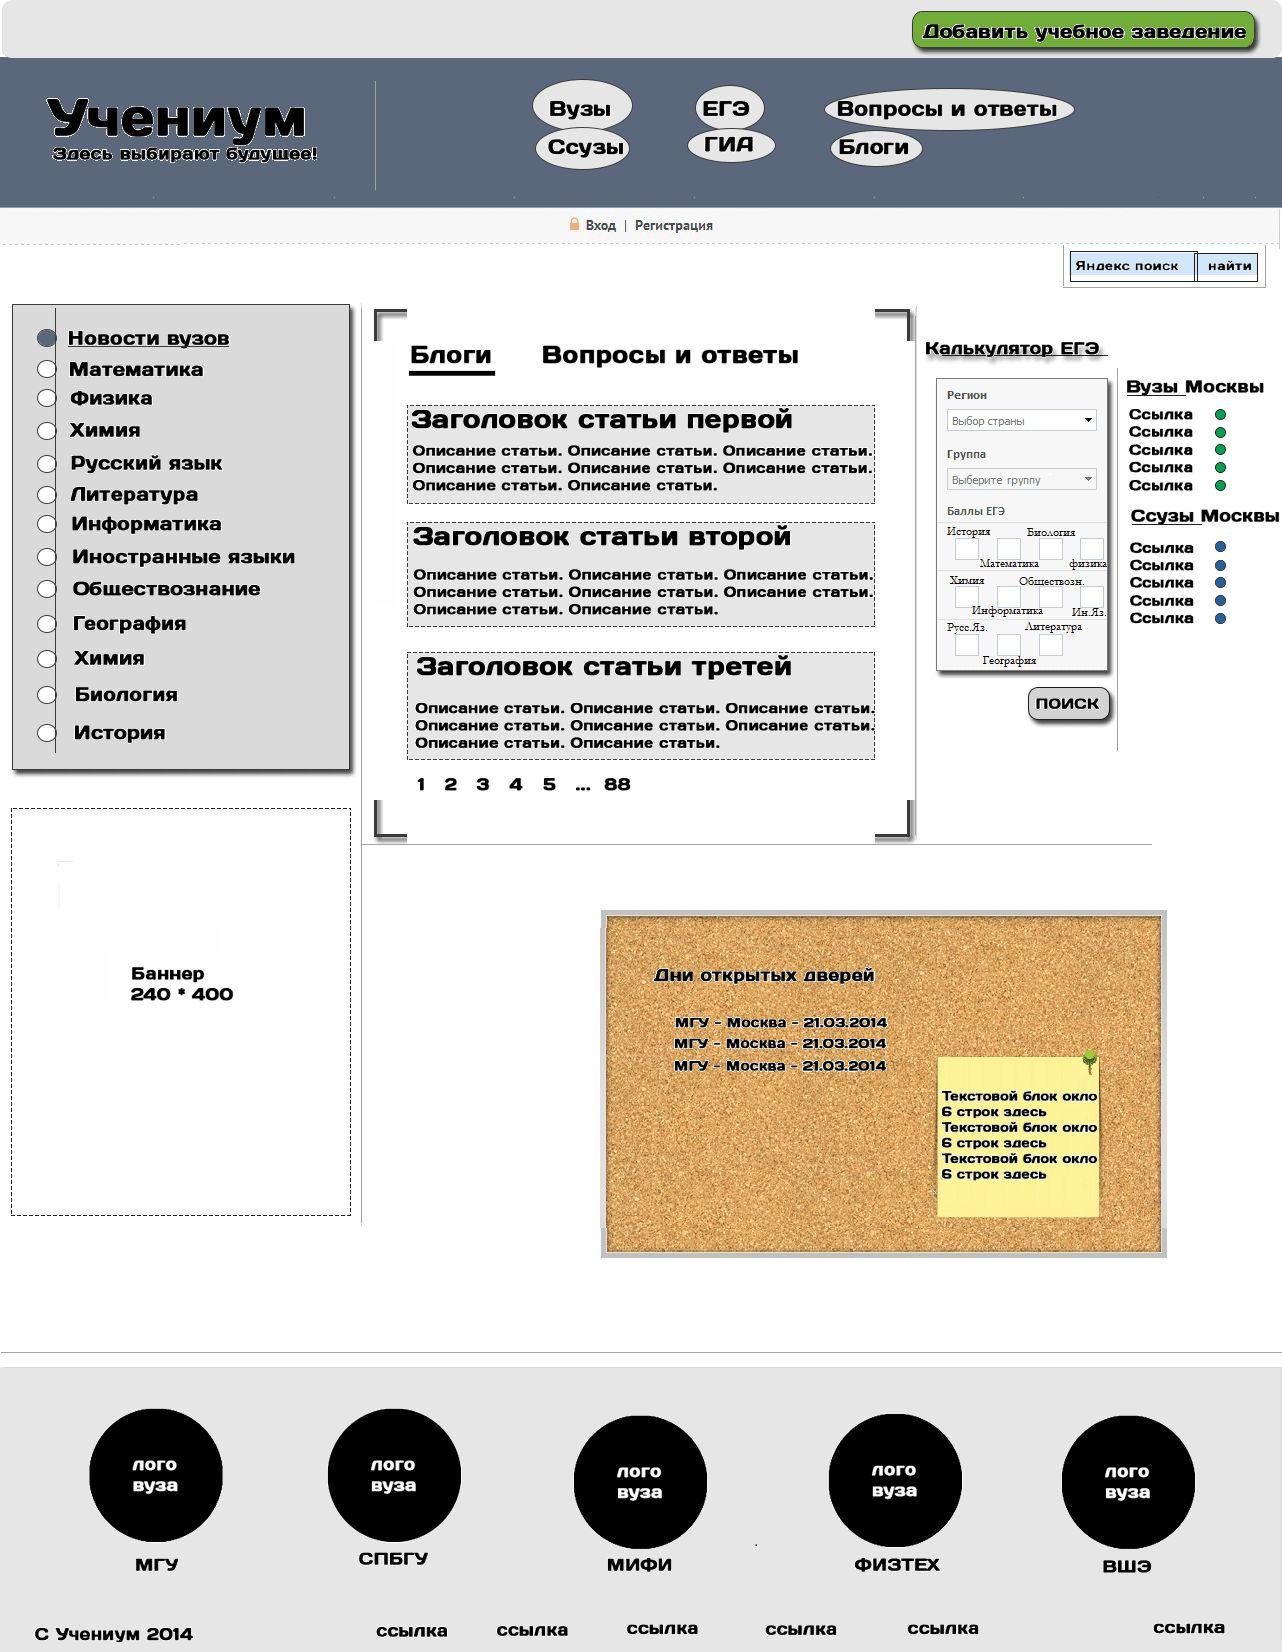 Дизайн для информационного сайта - дизайнер noob4ik